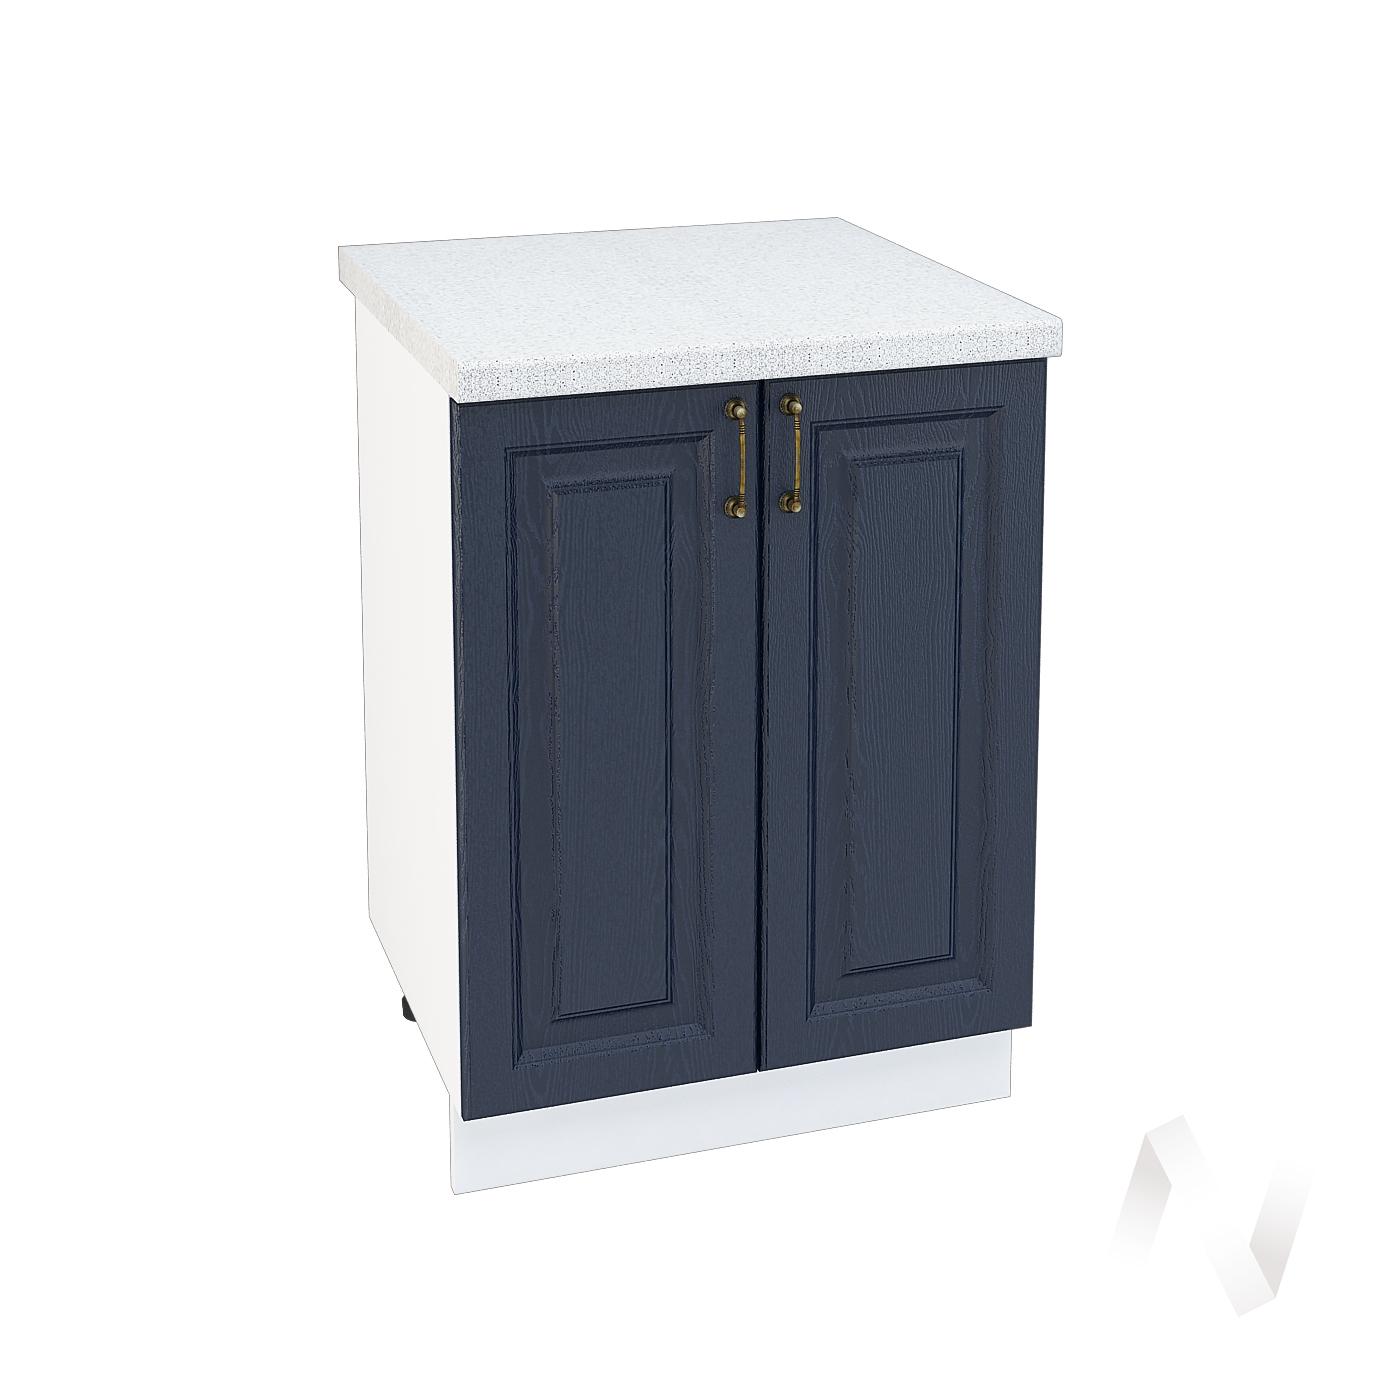 """Кухня """"Ницца"""": Шкаф нижний 600, ШН 600 (Дуб чернильный/корпус белый)"""